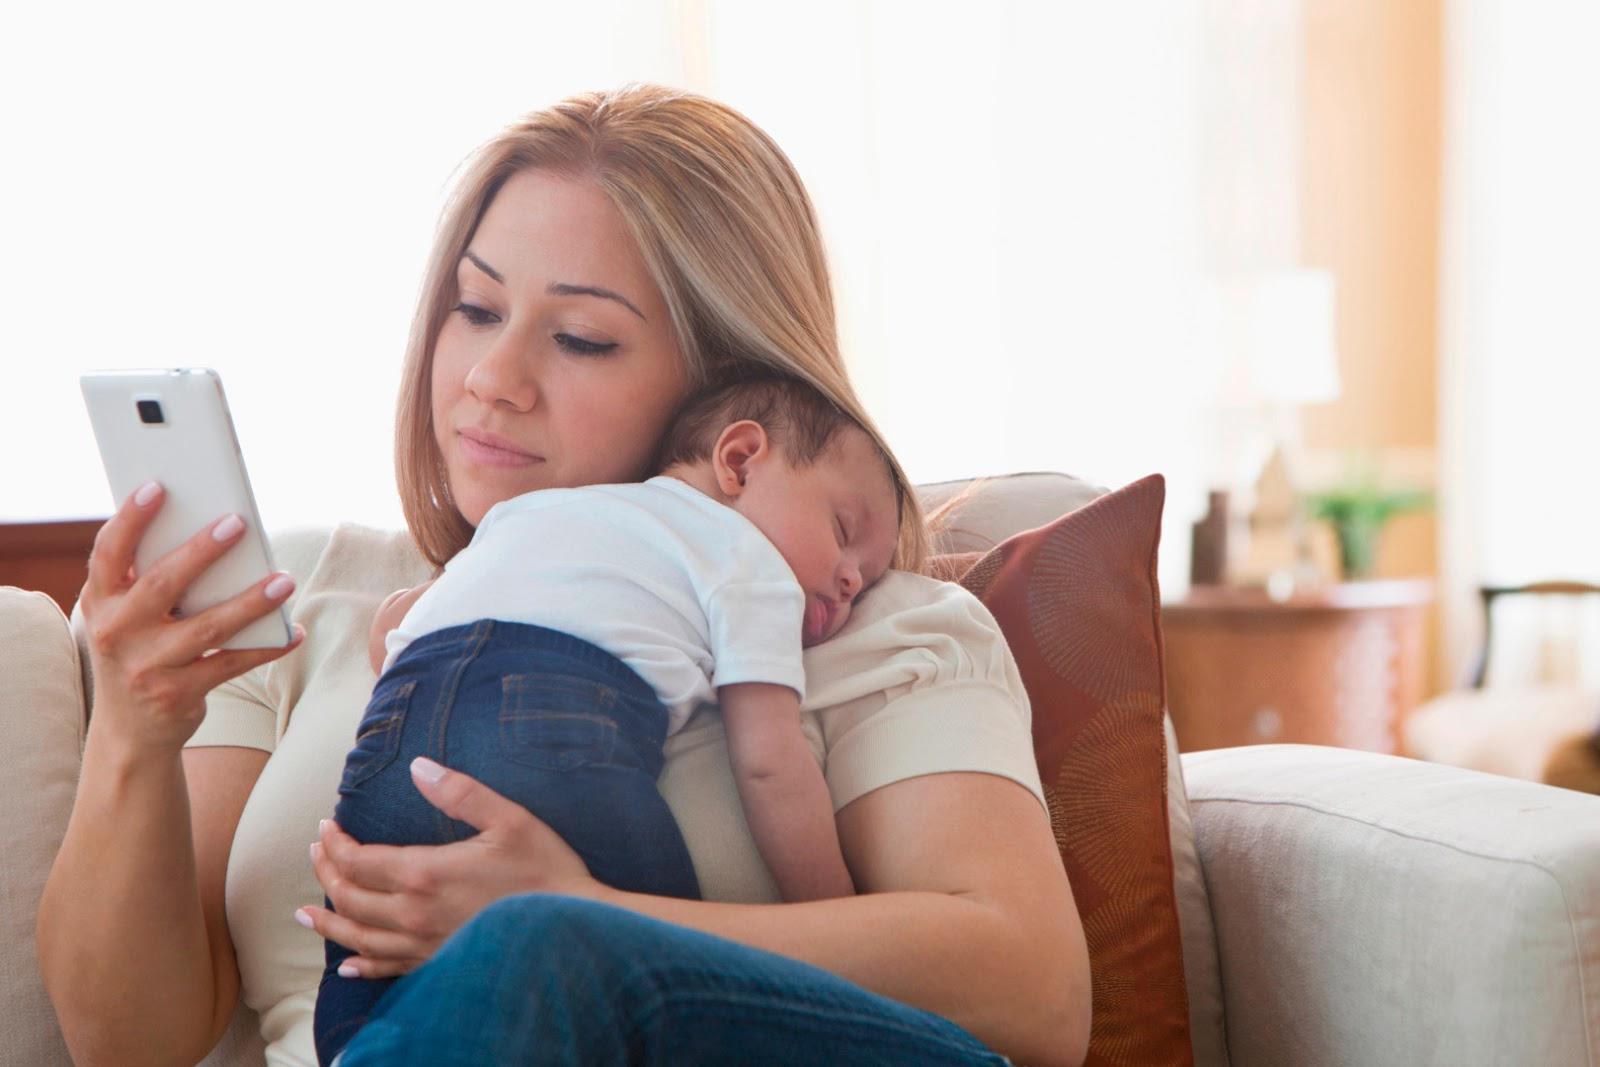 Прививка от ветрянки детям: особенности, противопоказания, осложнения